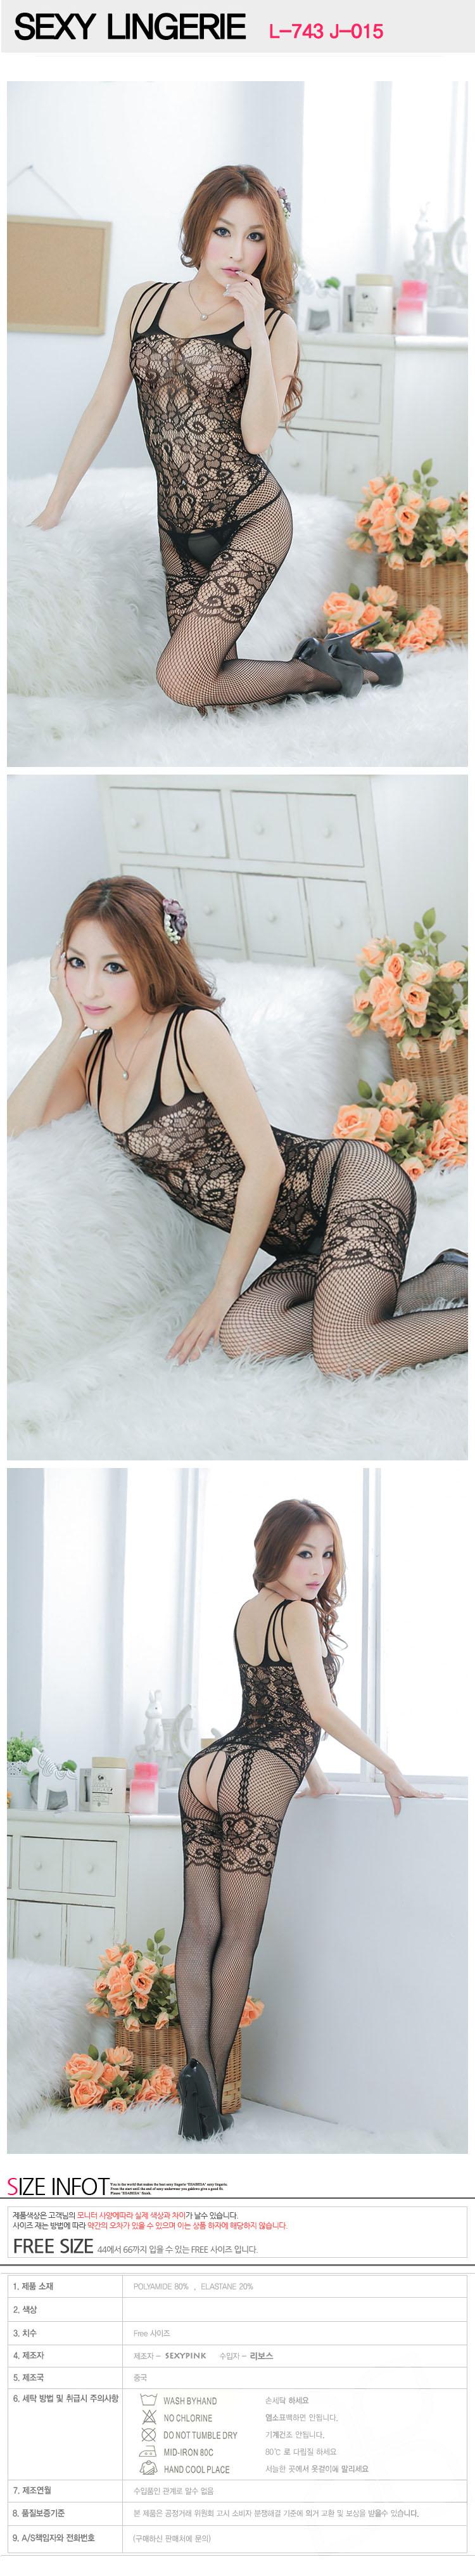 여성 섹시속옷 란제리